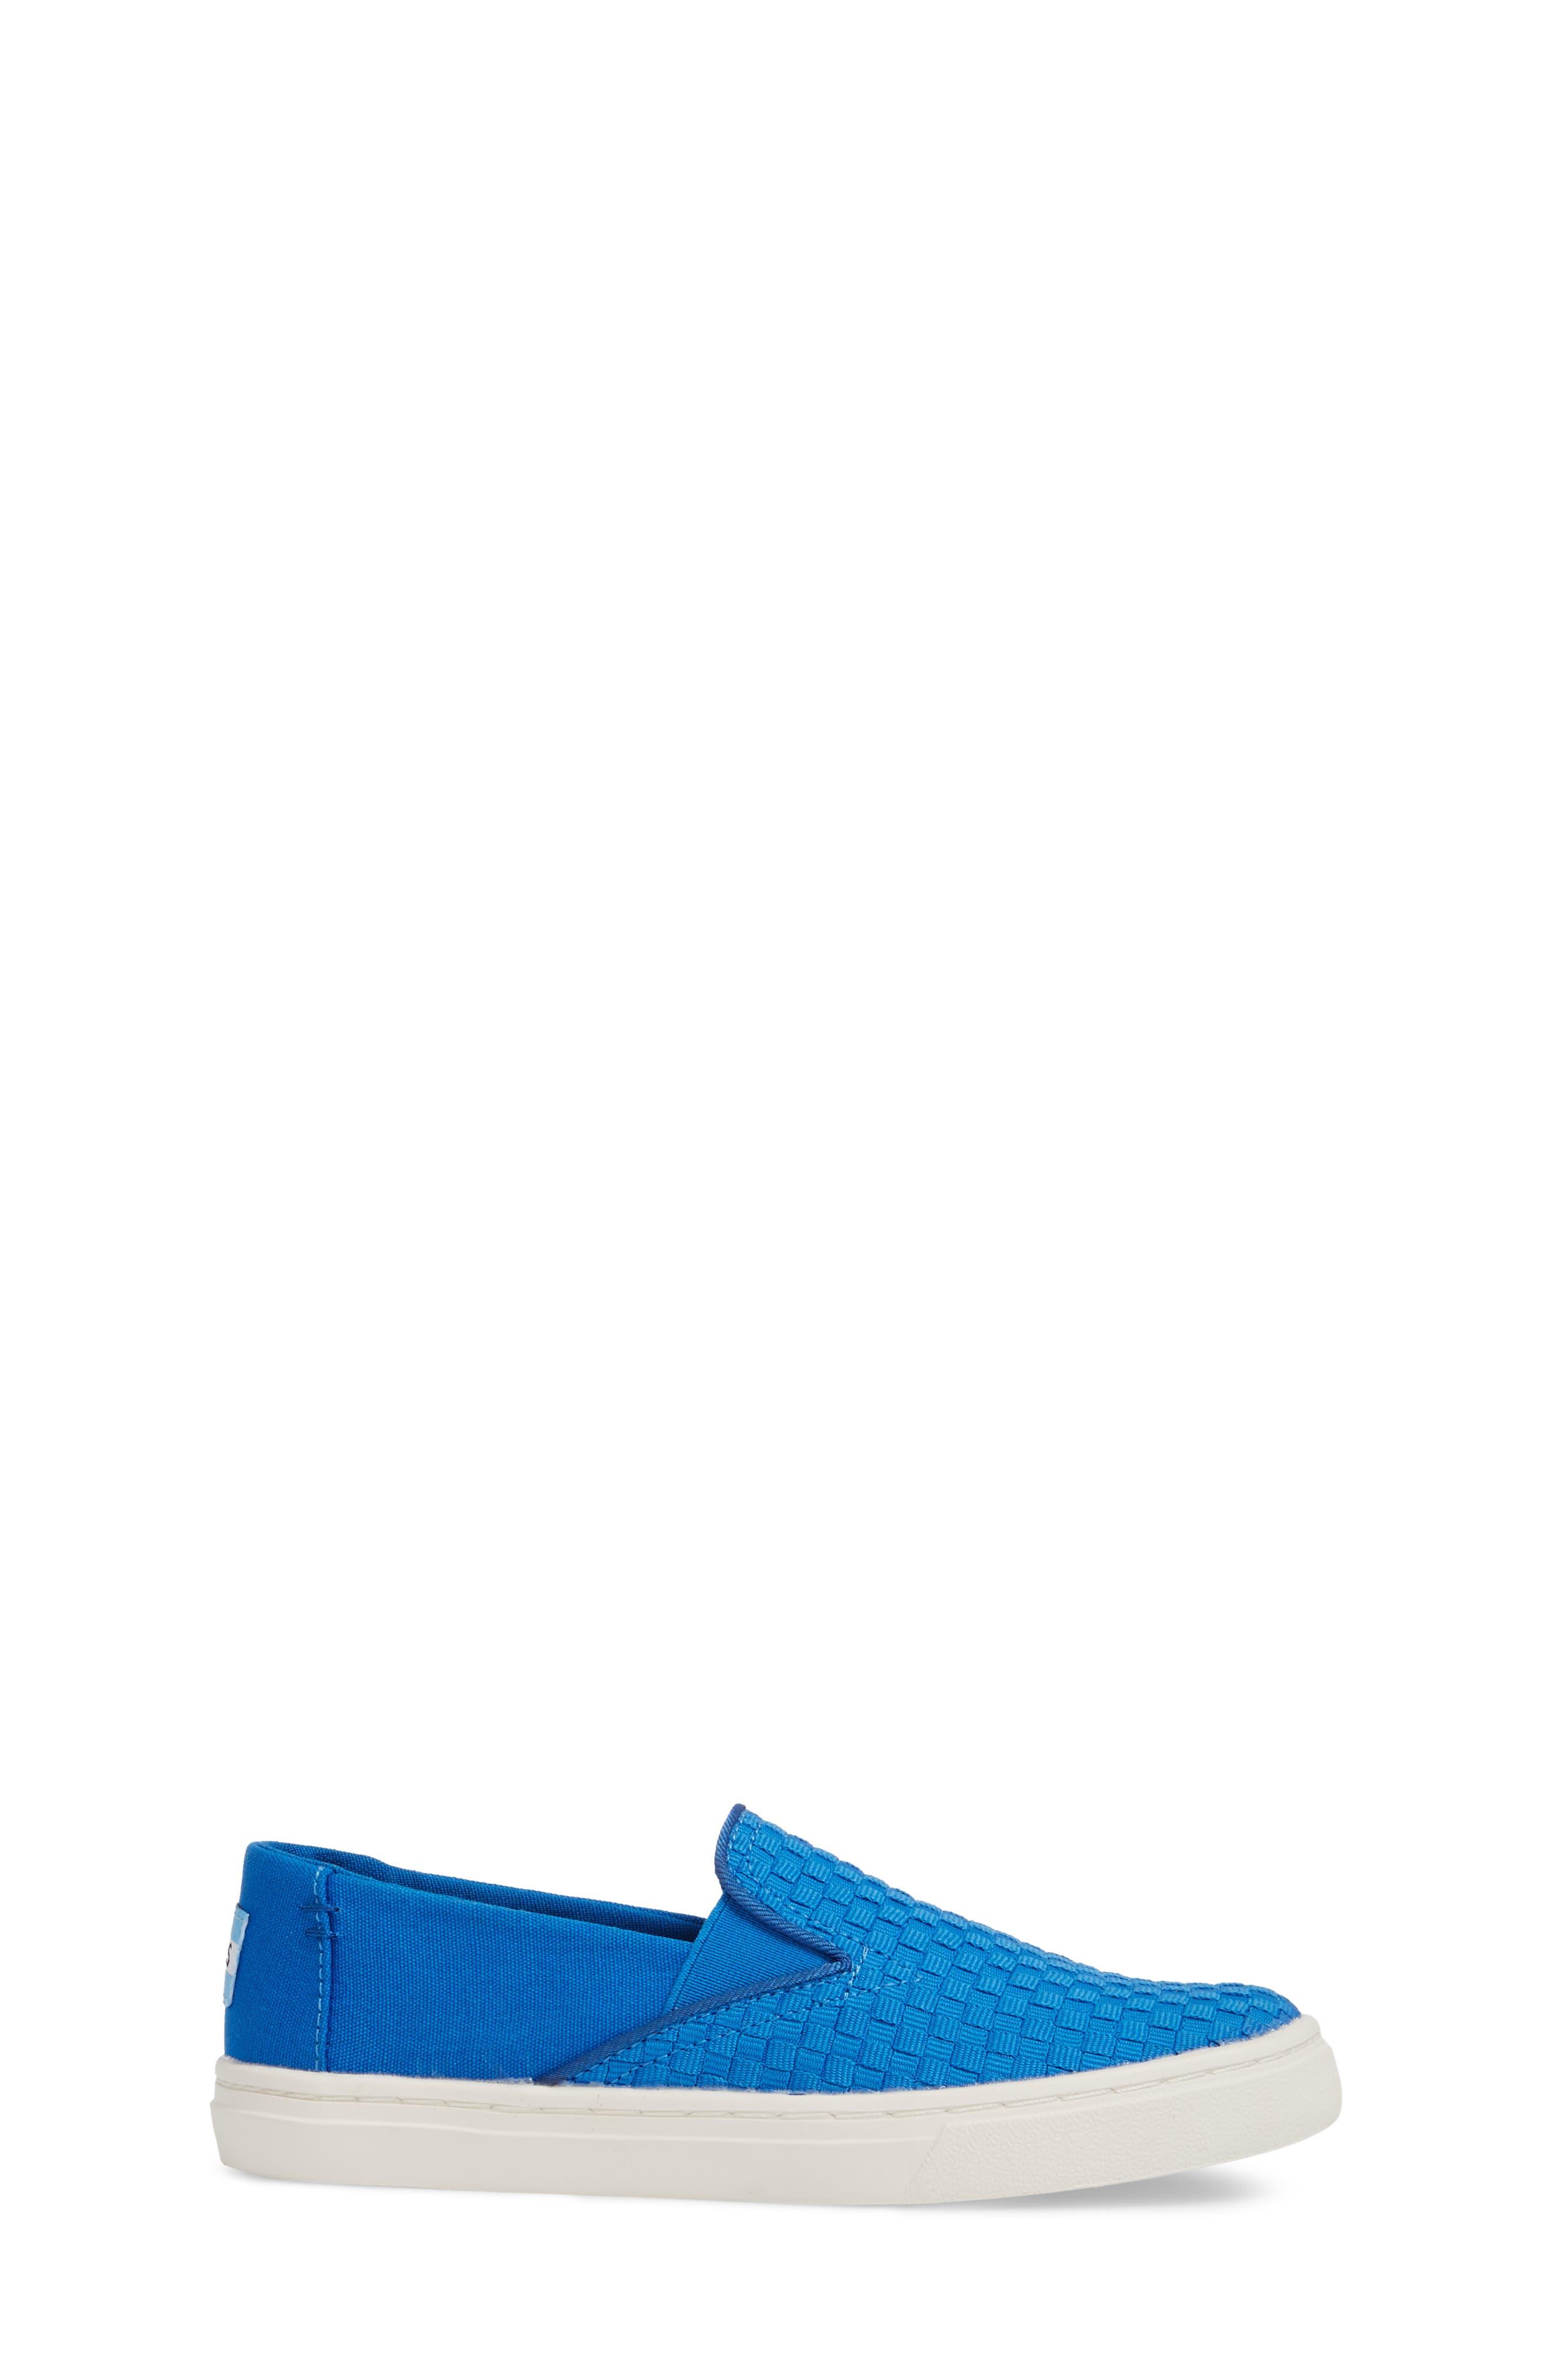 Luca Slip-On Sneaker,                             Alternate thumbnail 24, color,